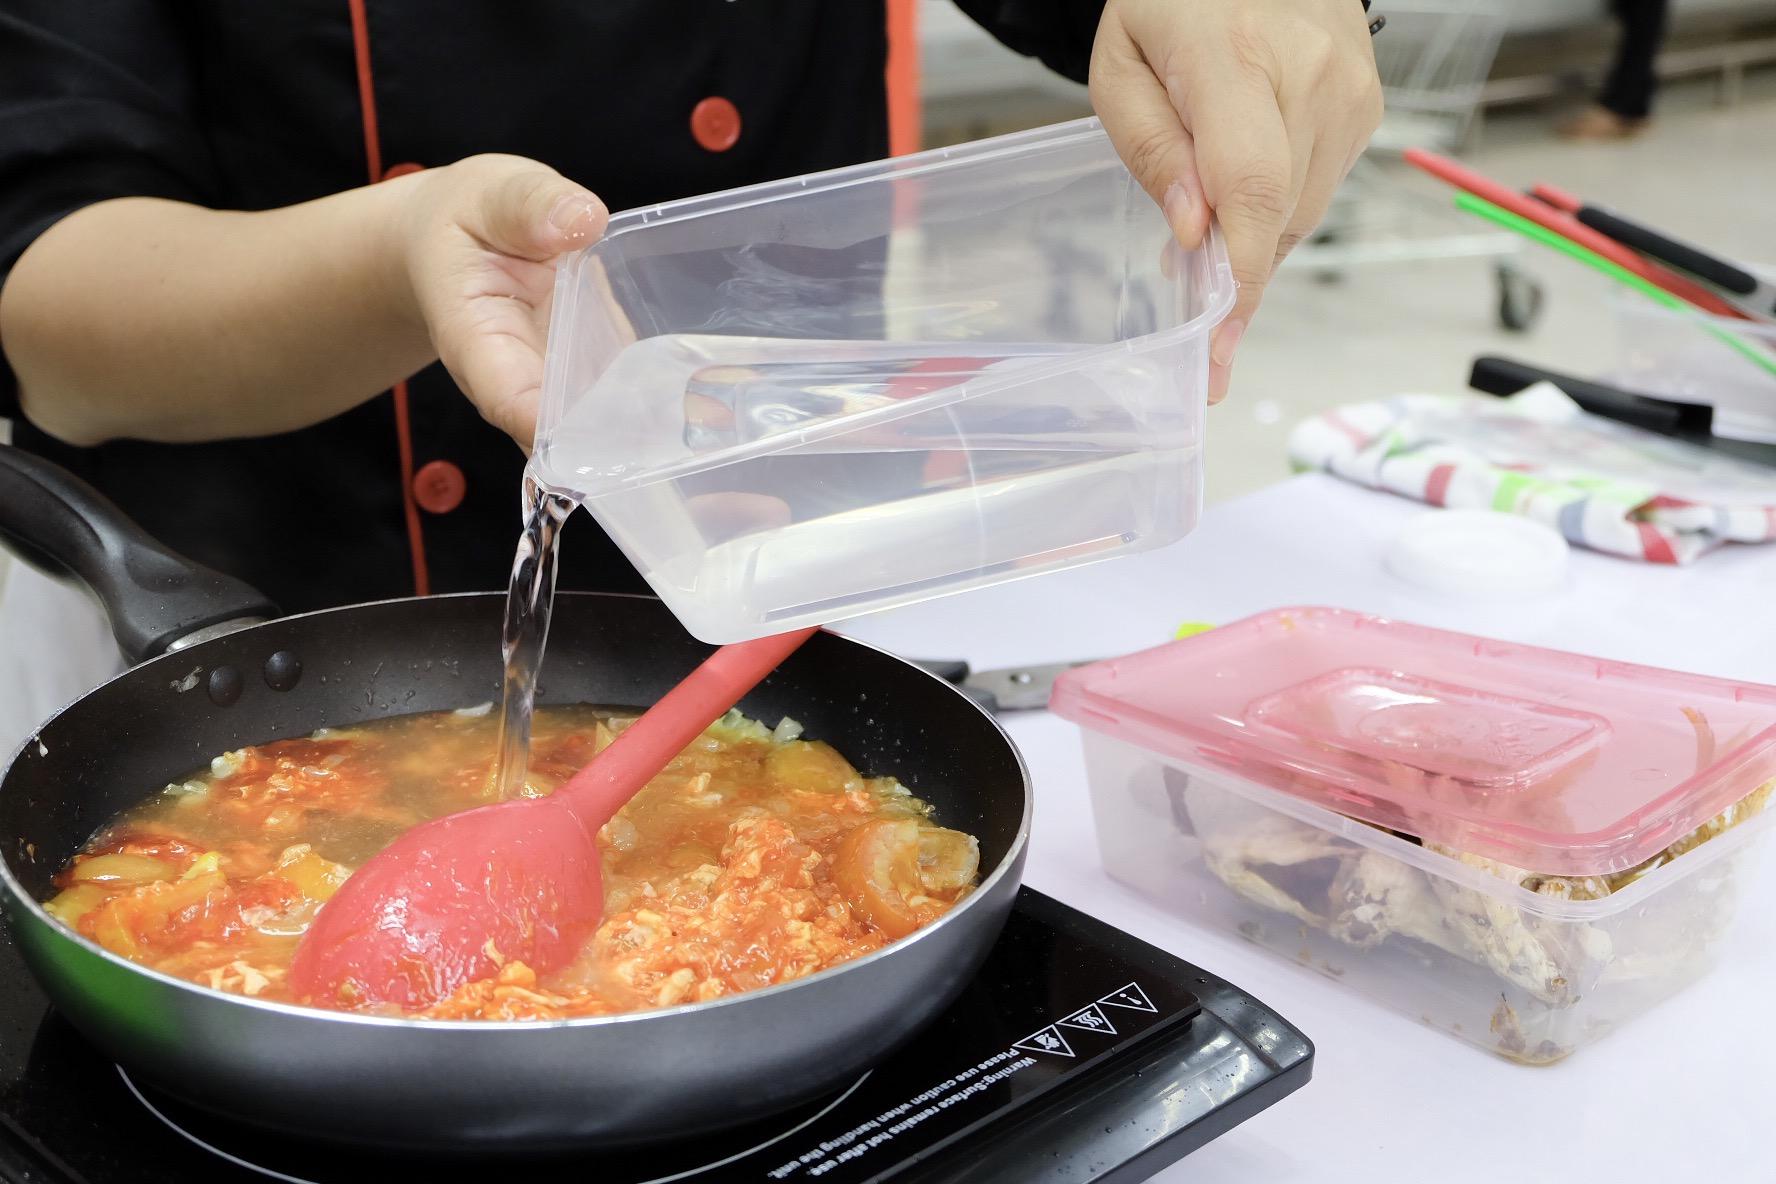 iamkimcharlie ufc cookfest 03